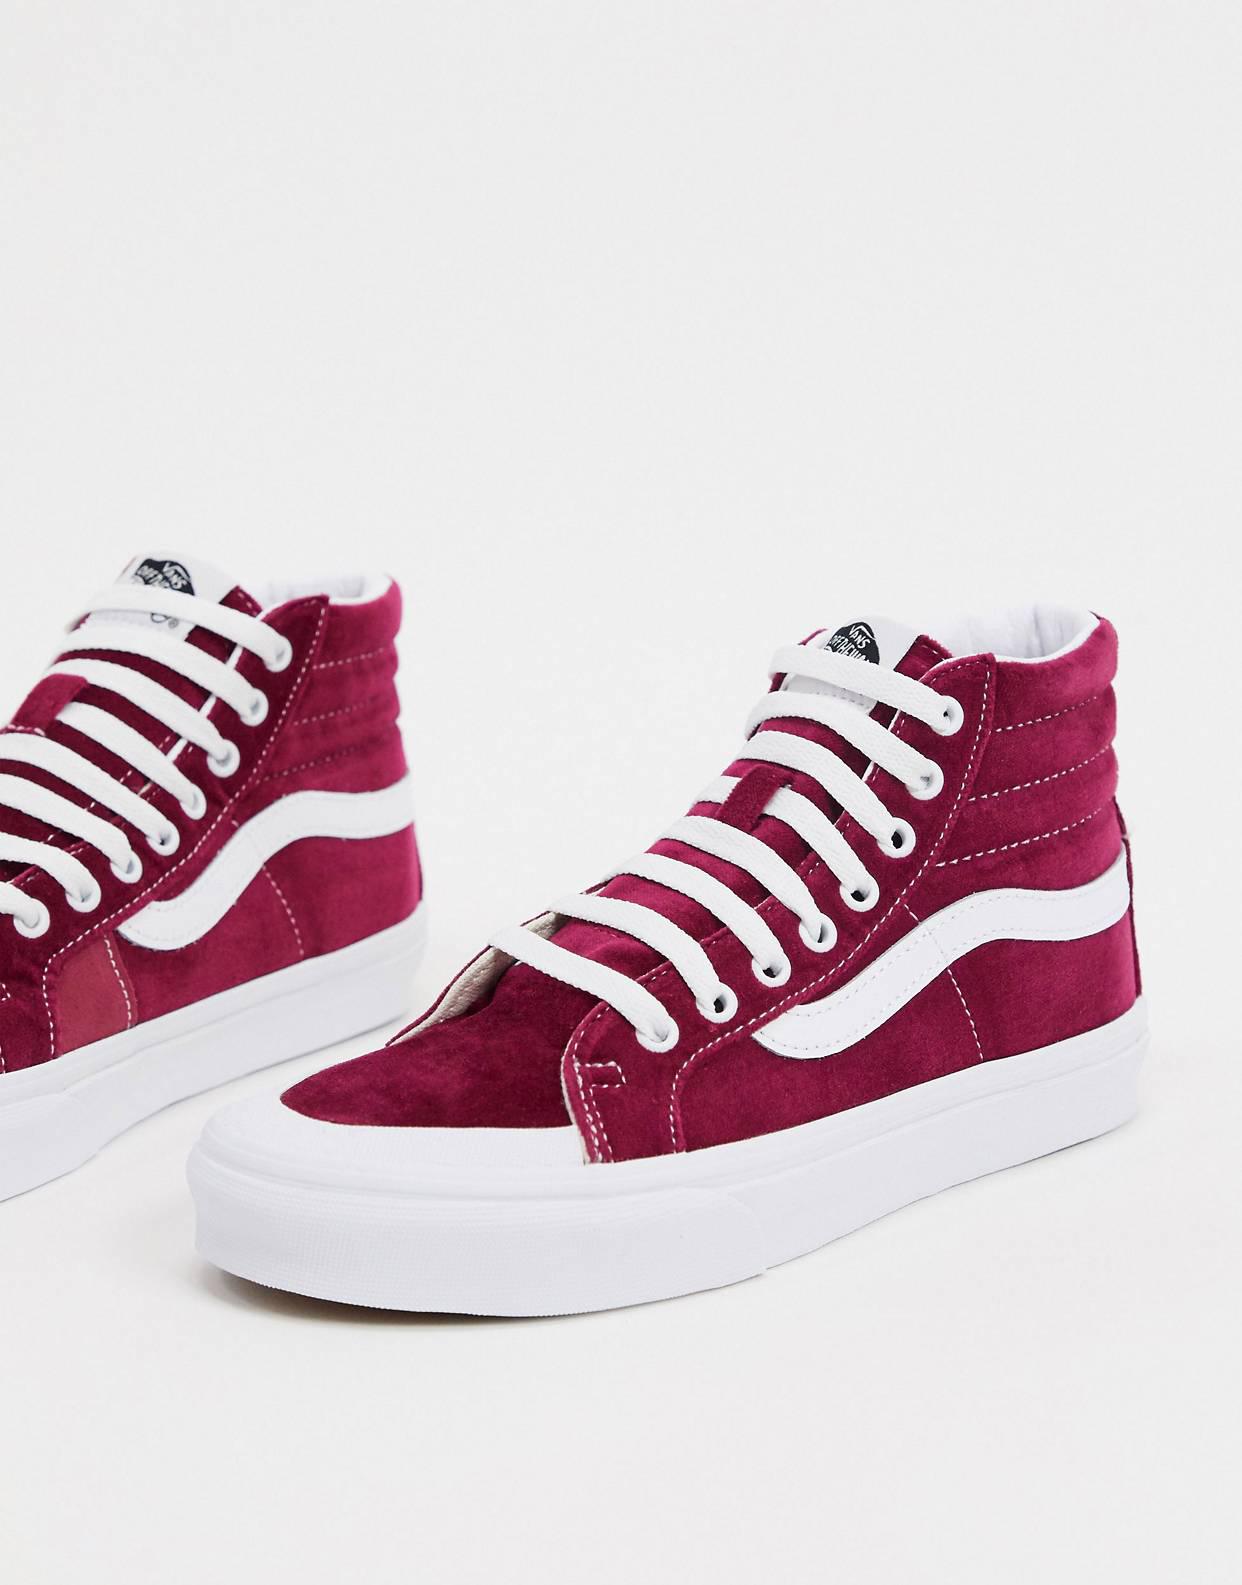 Zapatillas en remolacha roja y blanco puro SK8-Hi Reissue 138 de Vans